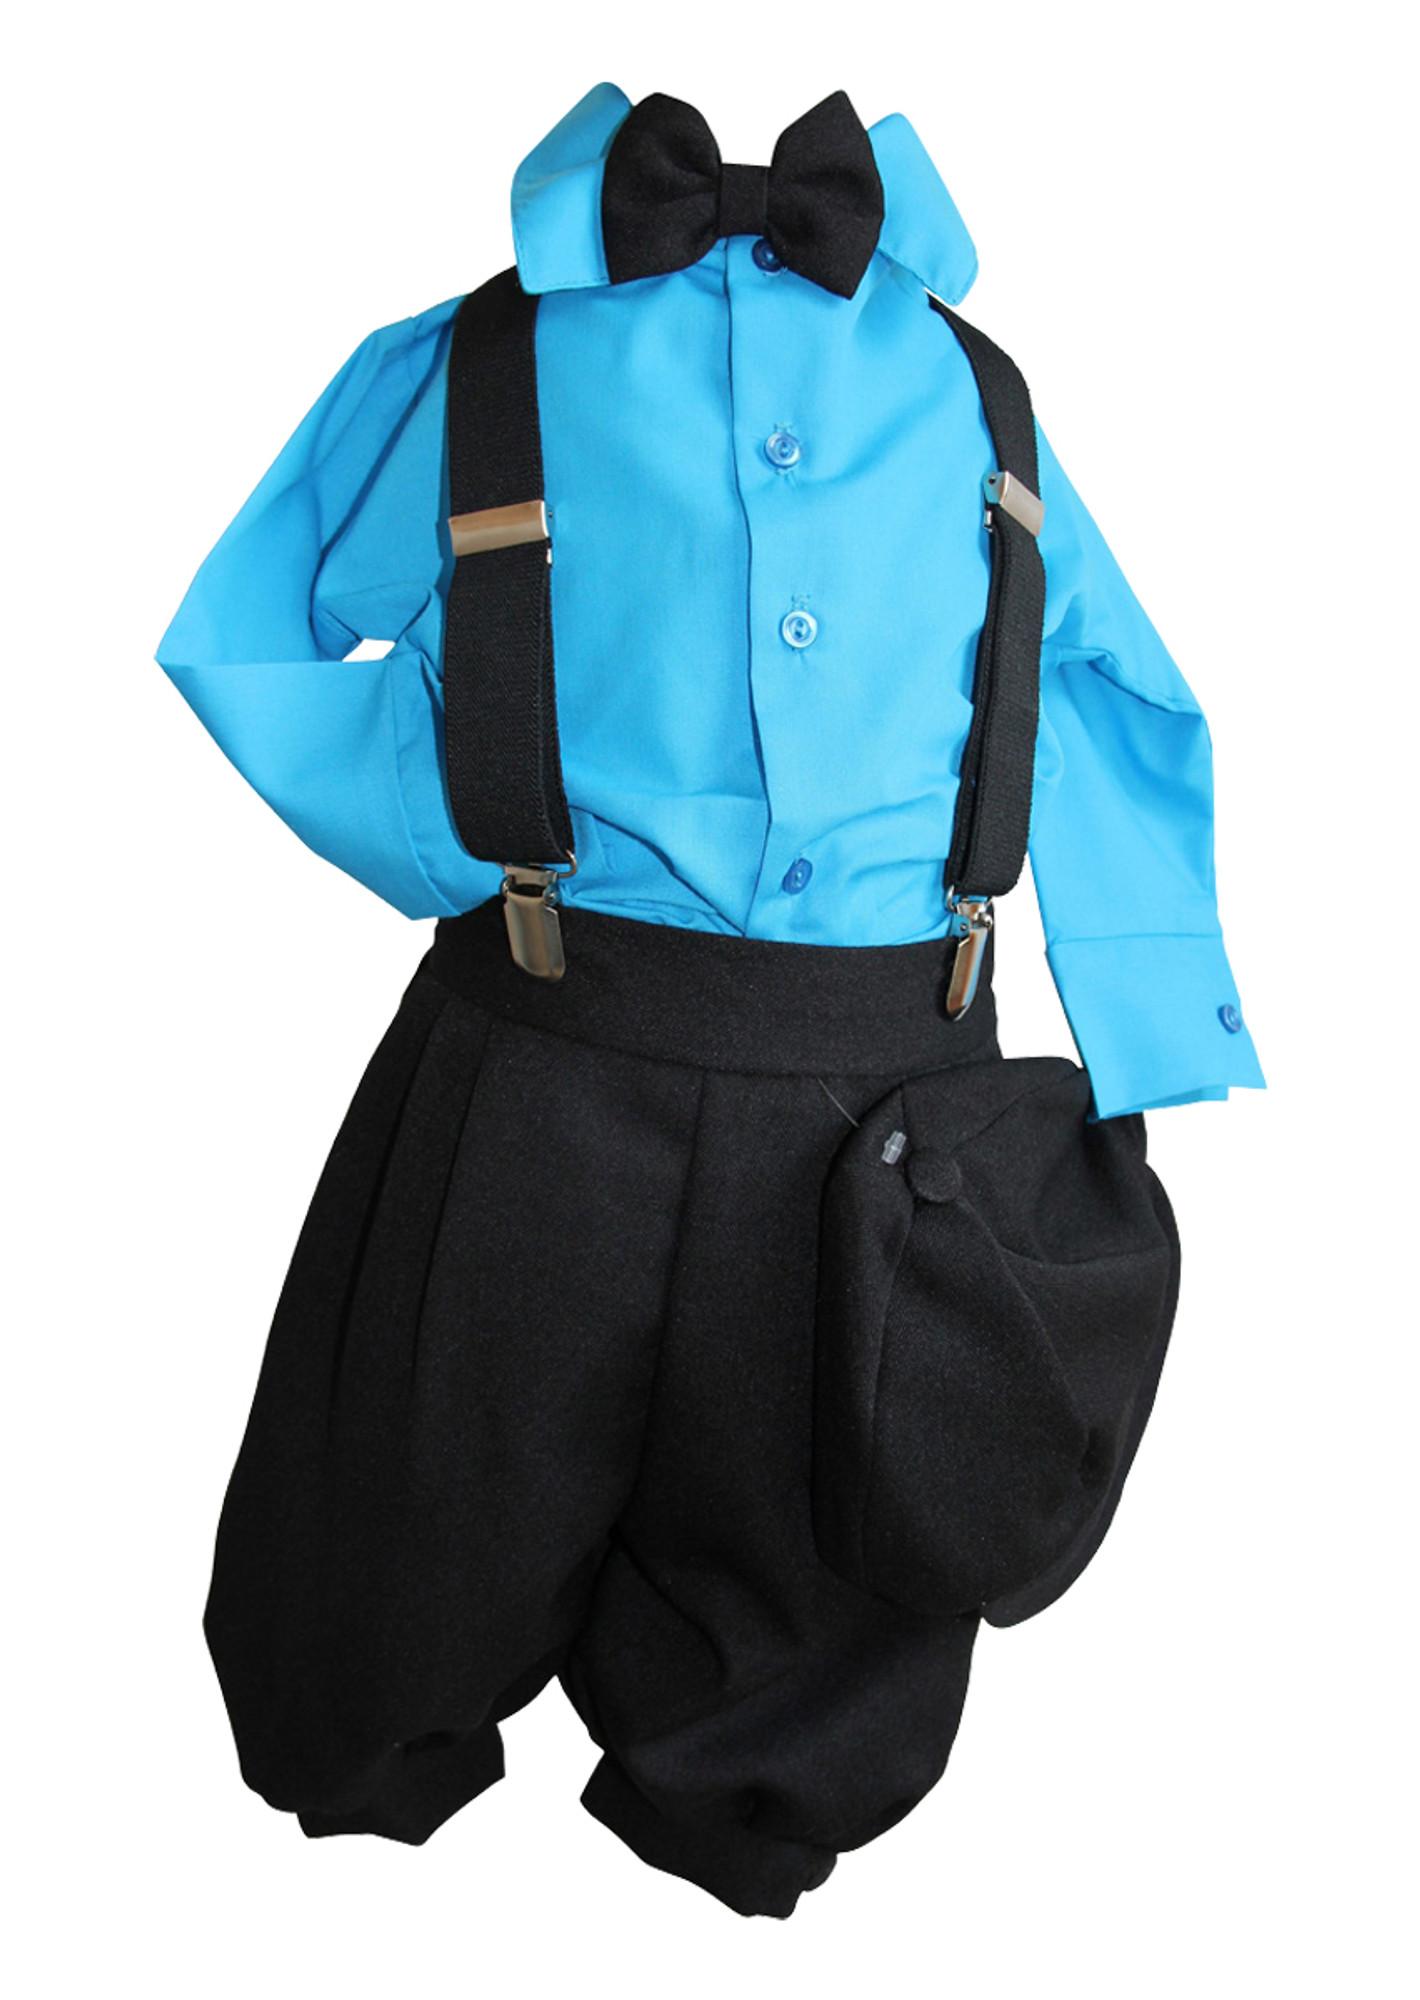 BIMARO Baby Jungen Babyanzug Louis Taufanzug schwarz Hemd türkis blau Fliege Cap Anzug Taufe Hochzeit Weihnachten Set 001